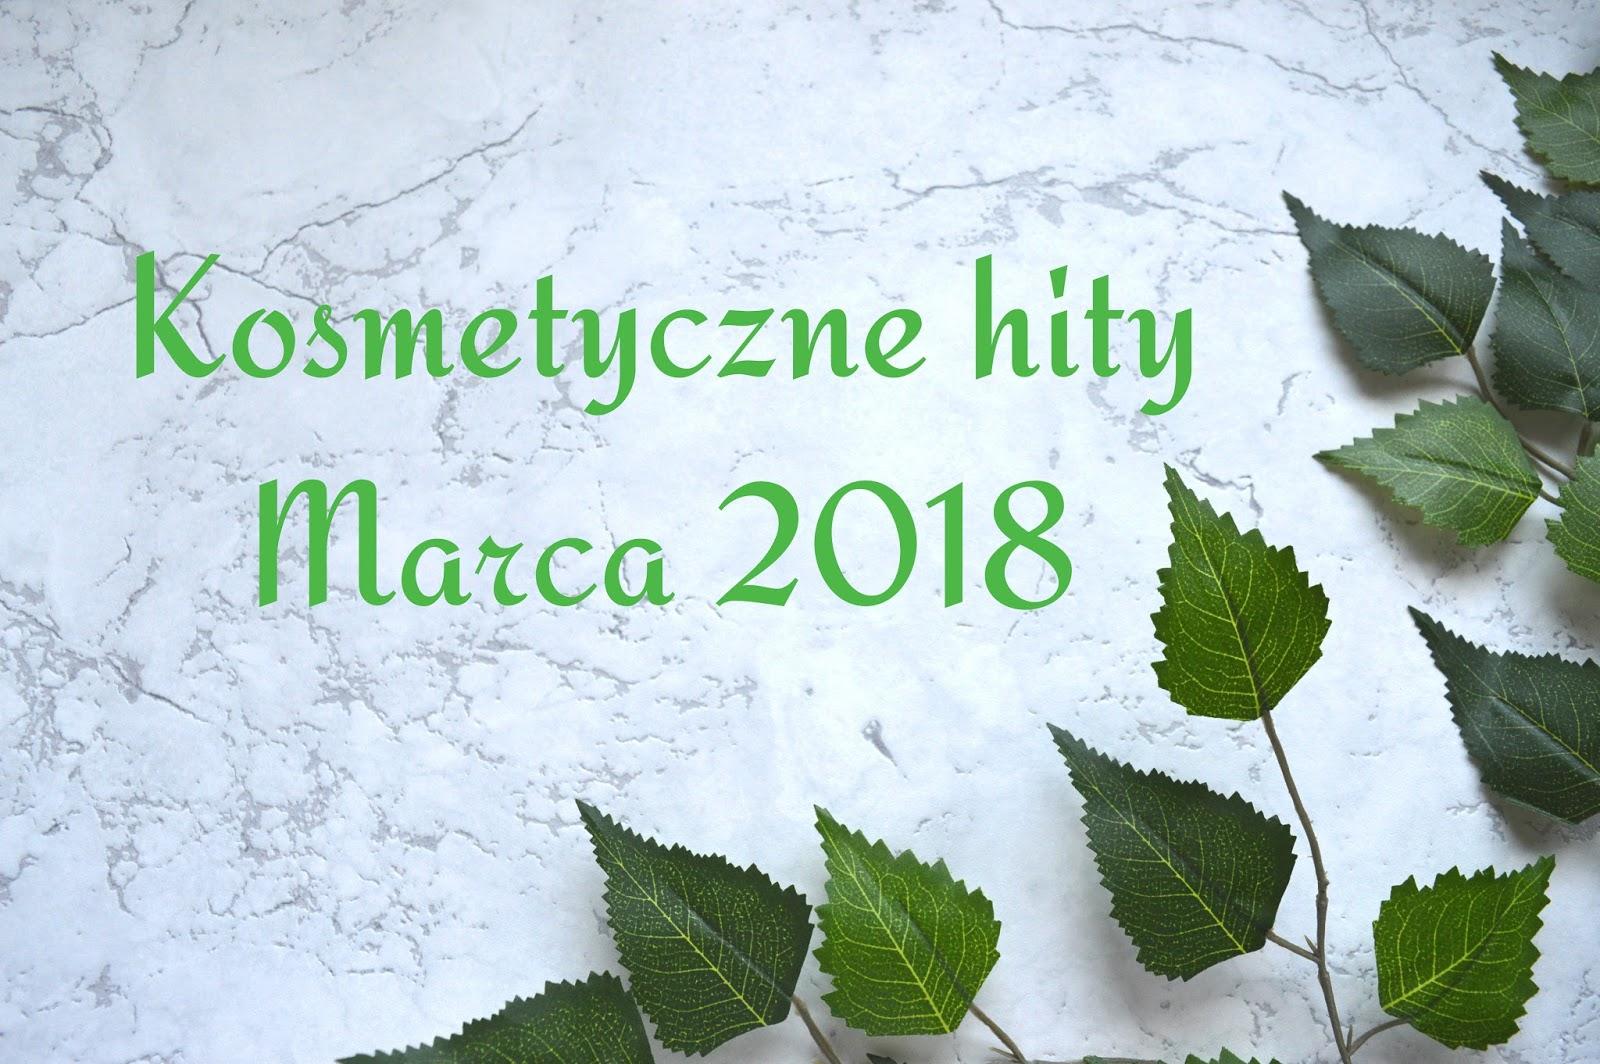 Kosmetyczne hity marca 2018